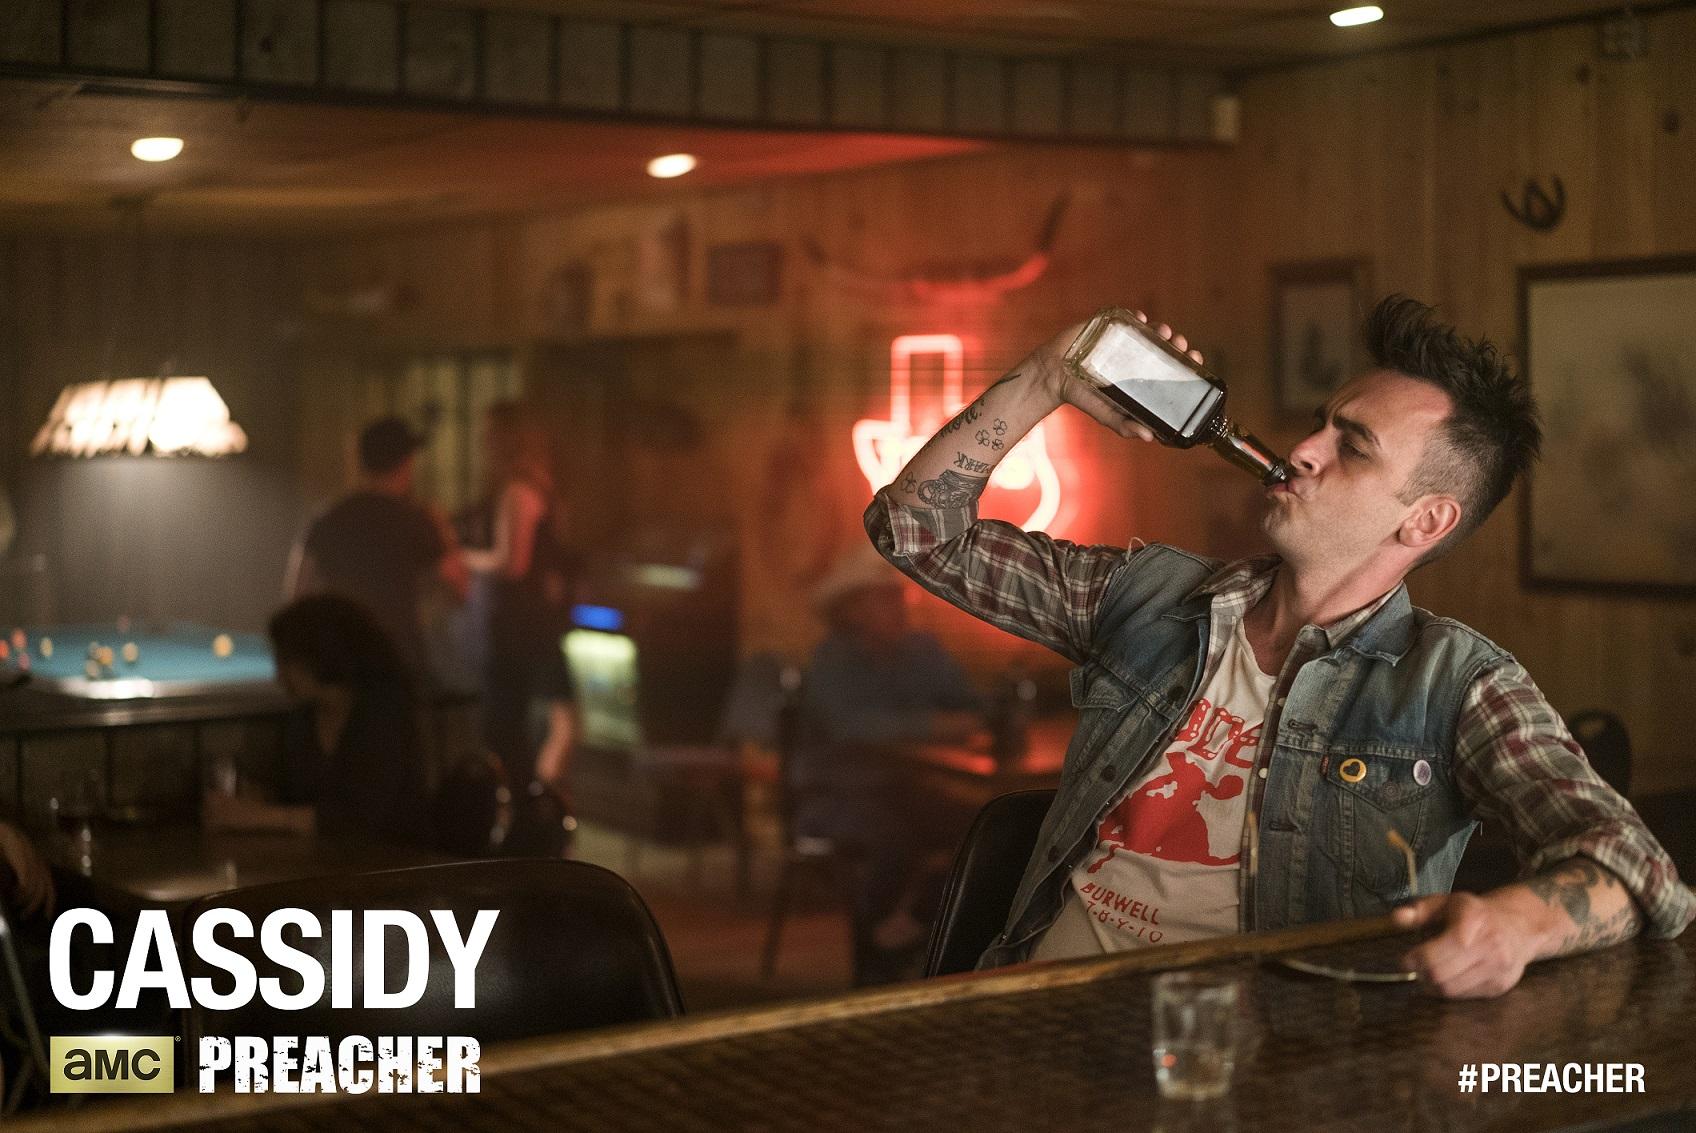 Cassidy